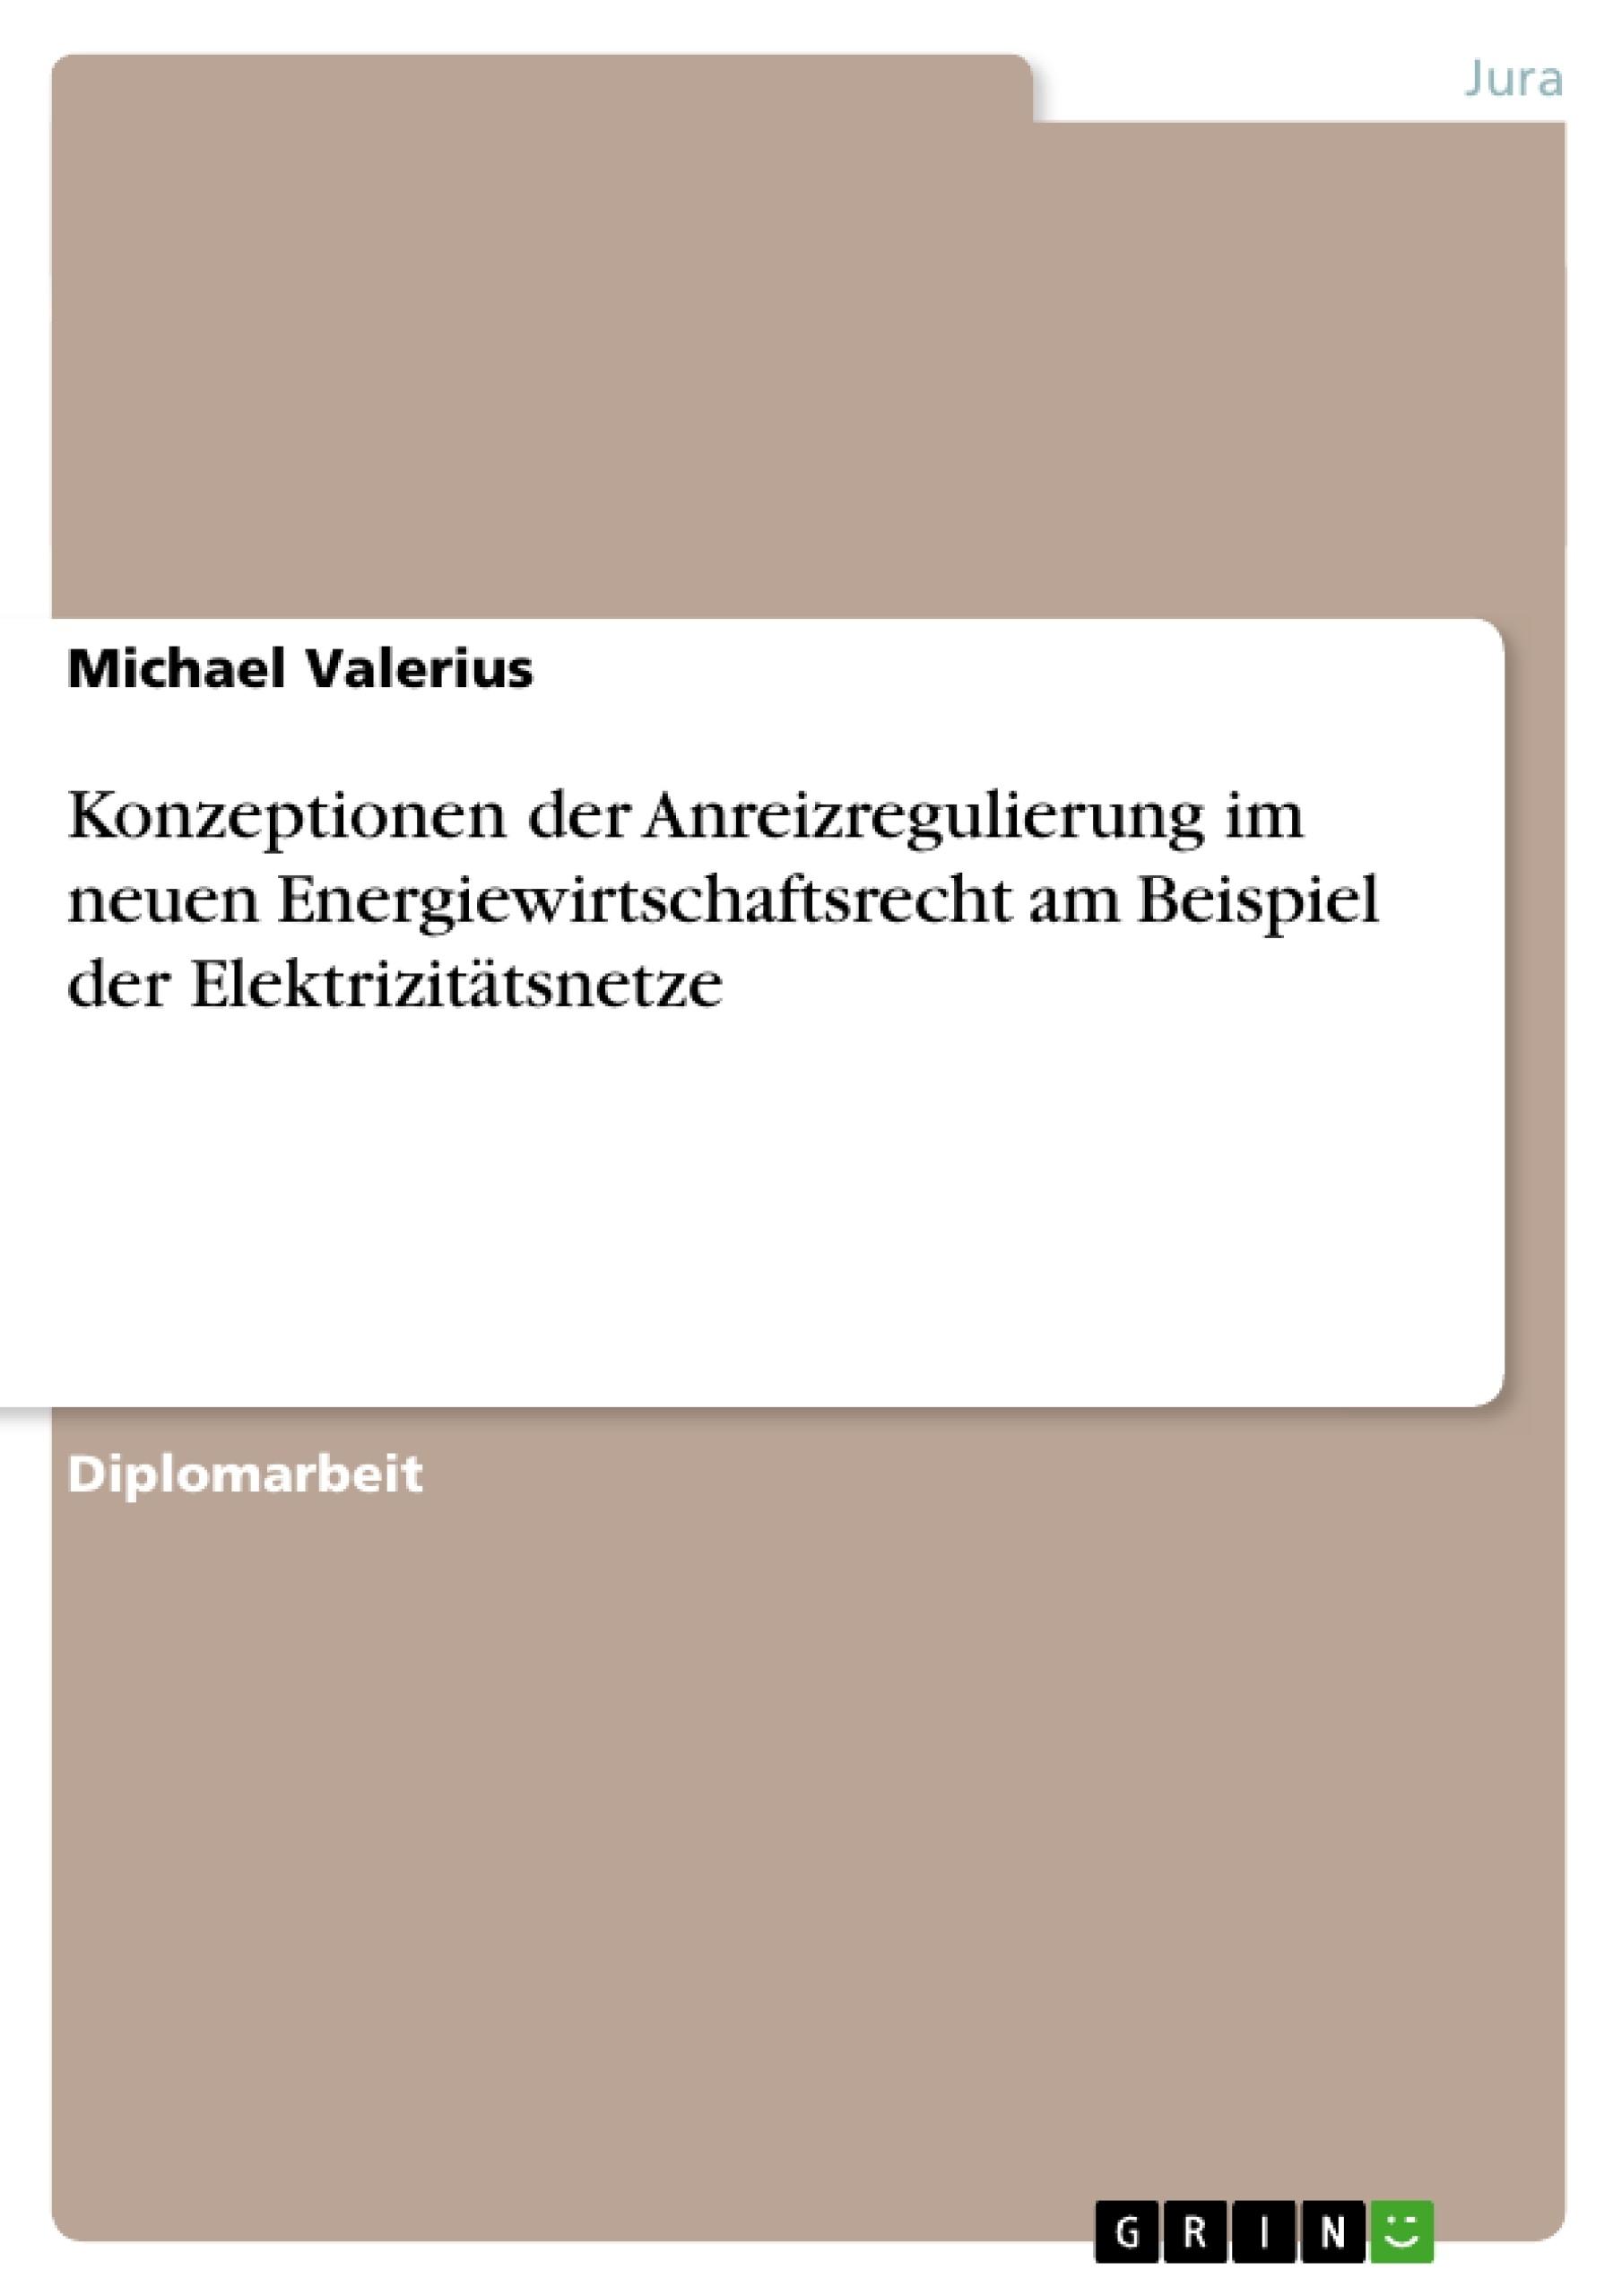 Titel: Konzeptionen der Anreizregulierung im neuen Energiewirtschaftsrecht am Beispiel der Elektrizitätsnetze